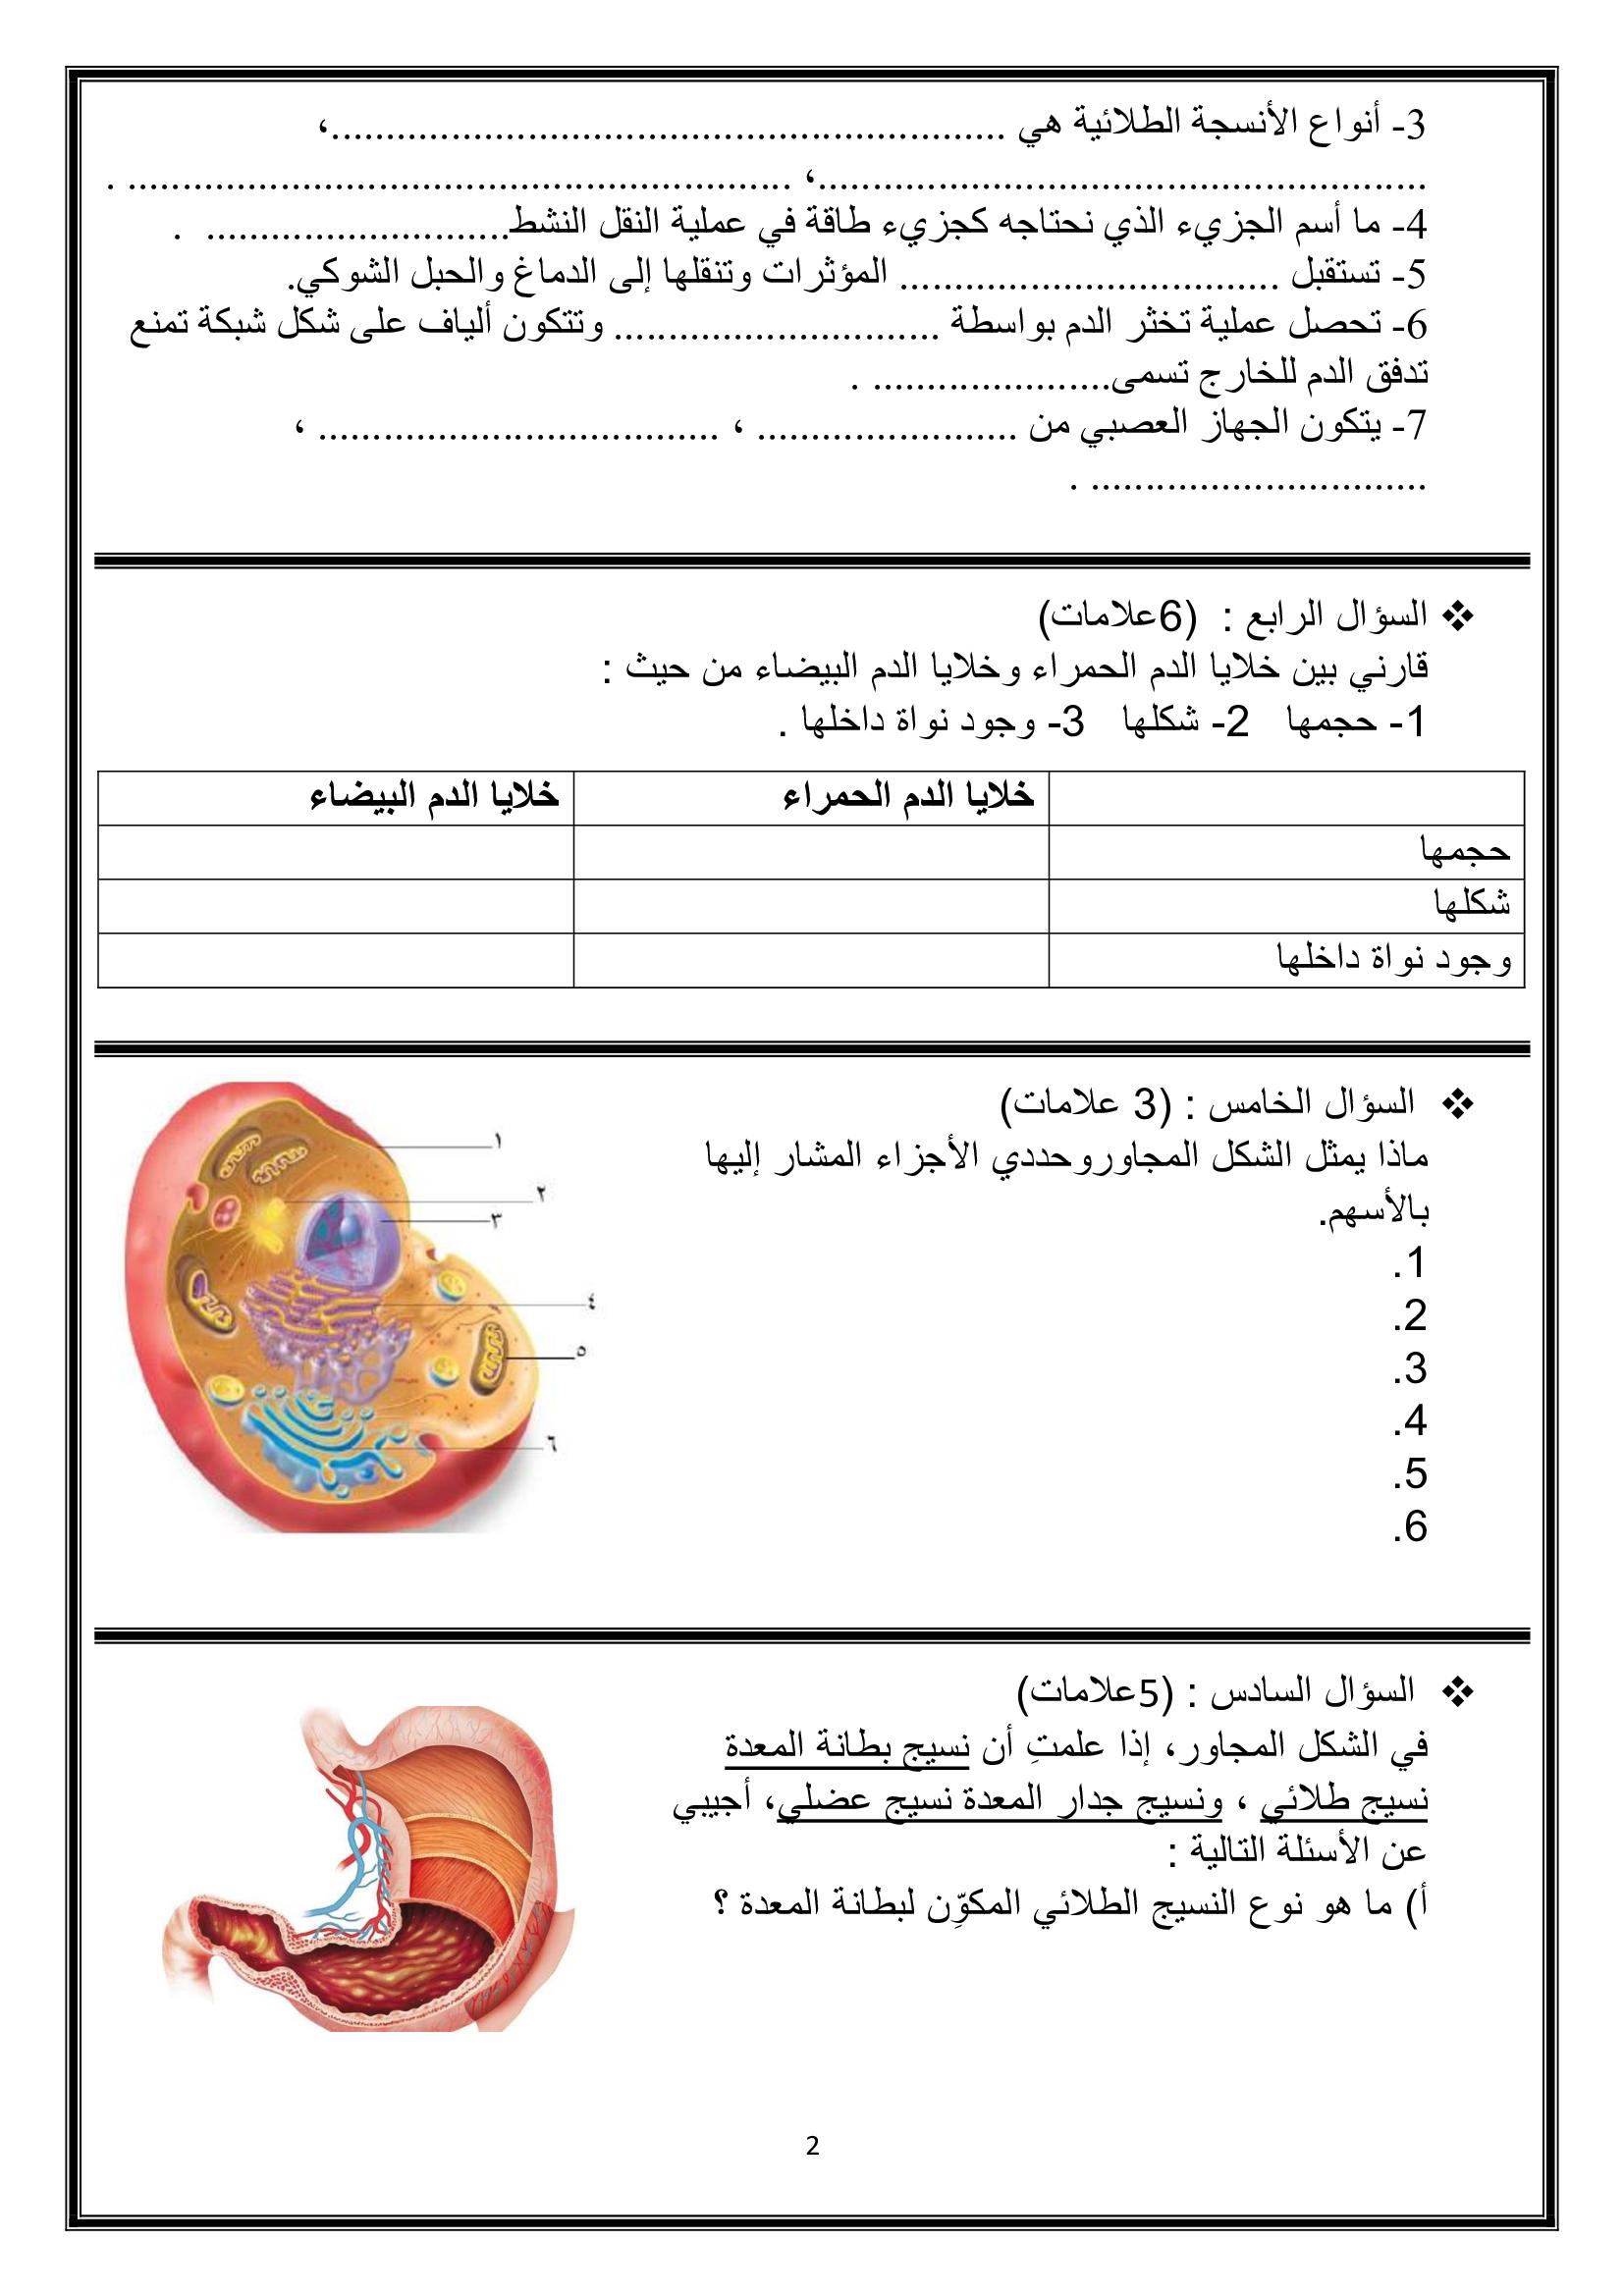 امتحان نهائي لمادة الاحياء للصف التاسع الفصل الاول 2018